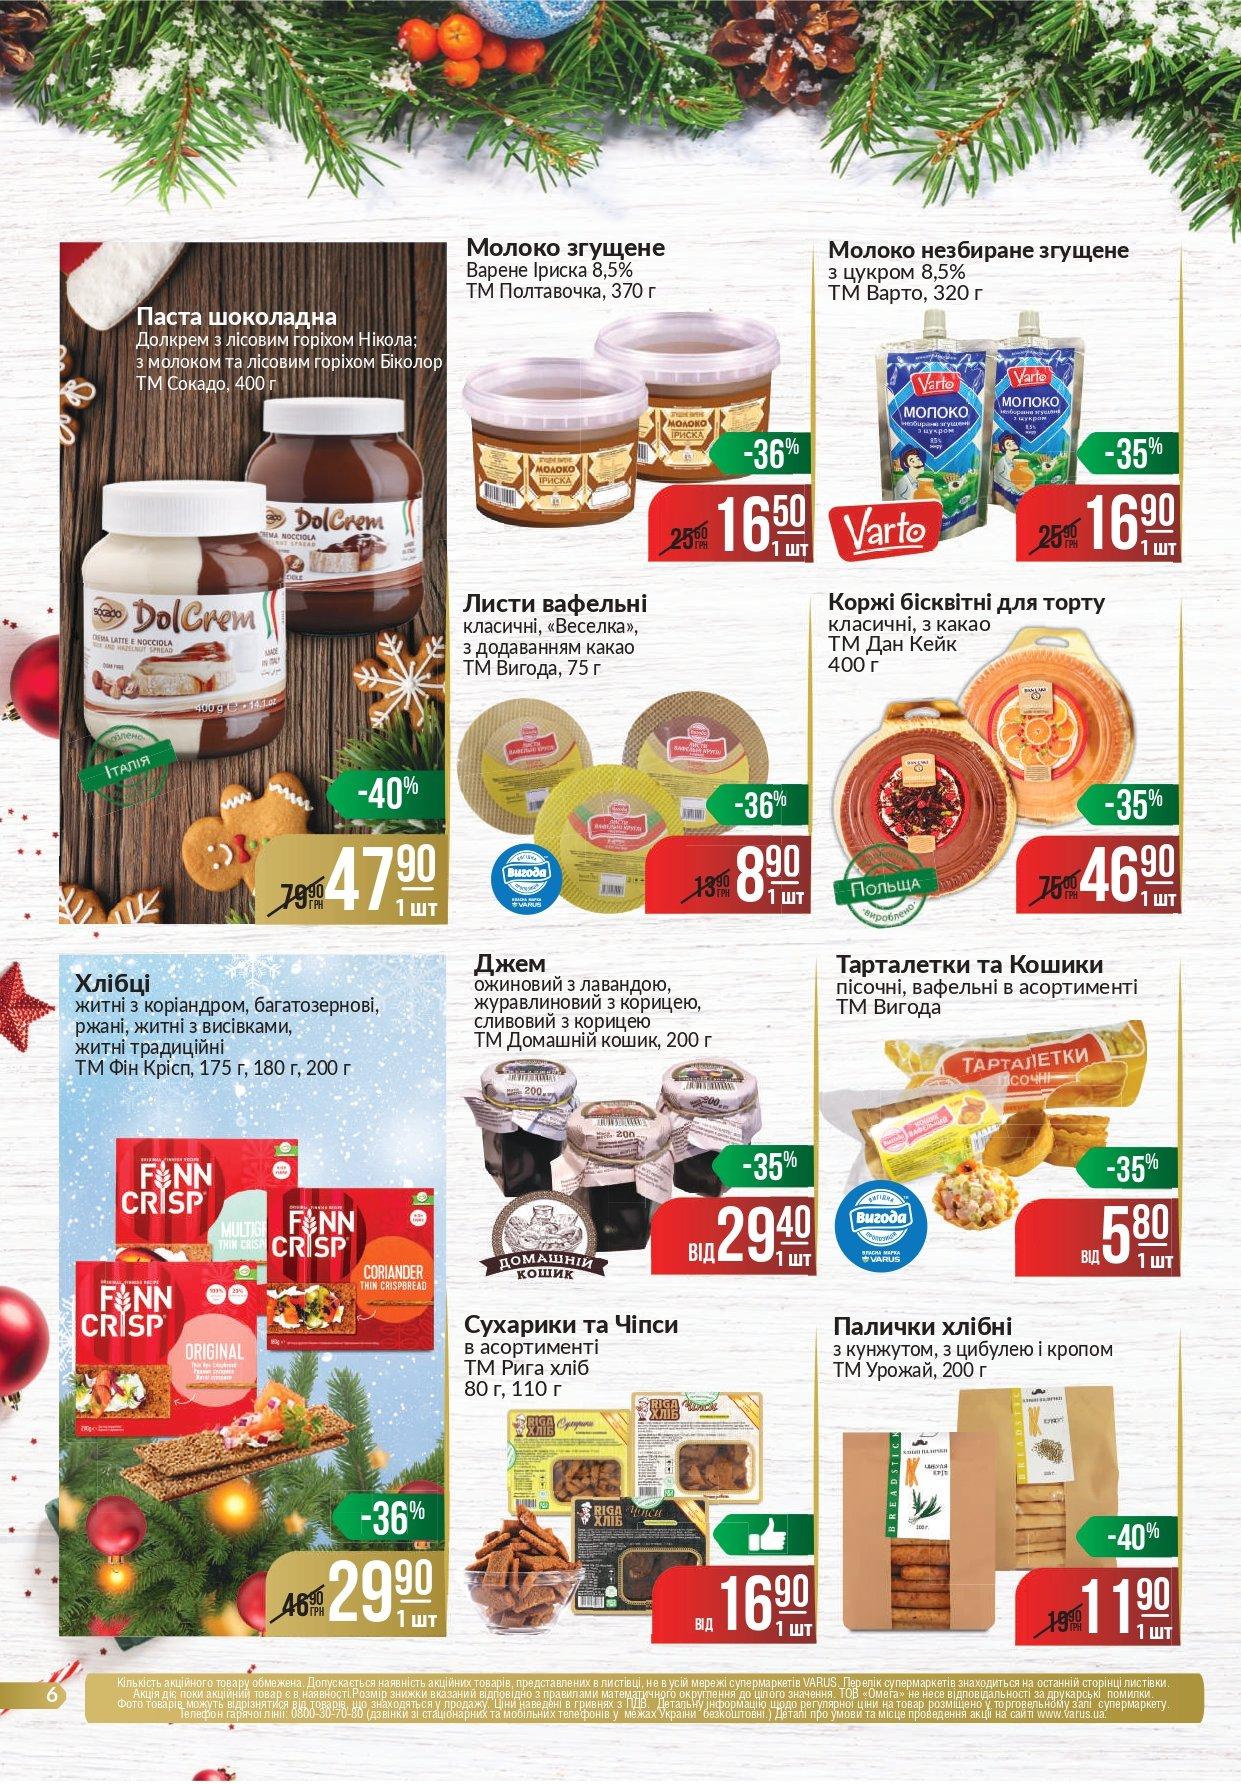 Делаем покупки к Новому Году: какие акции действуют в супермаркетах Днепра, - ЦЕНЫ, фото-35